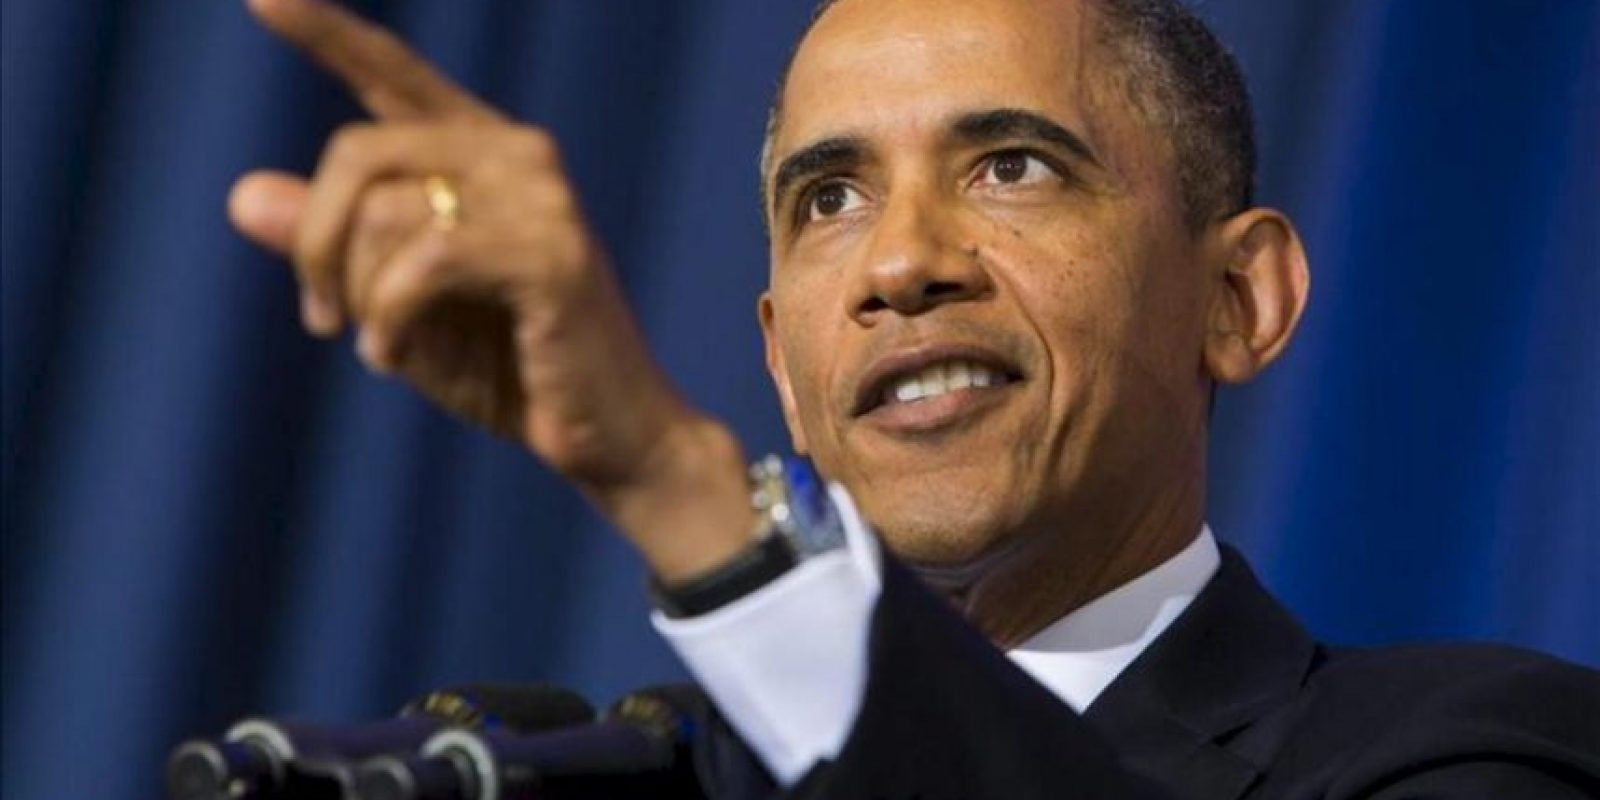 El presidente de Estados Unidos, Barack Obama. EFE/Archivo